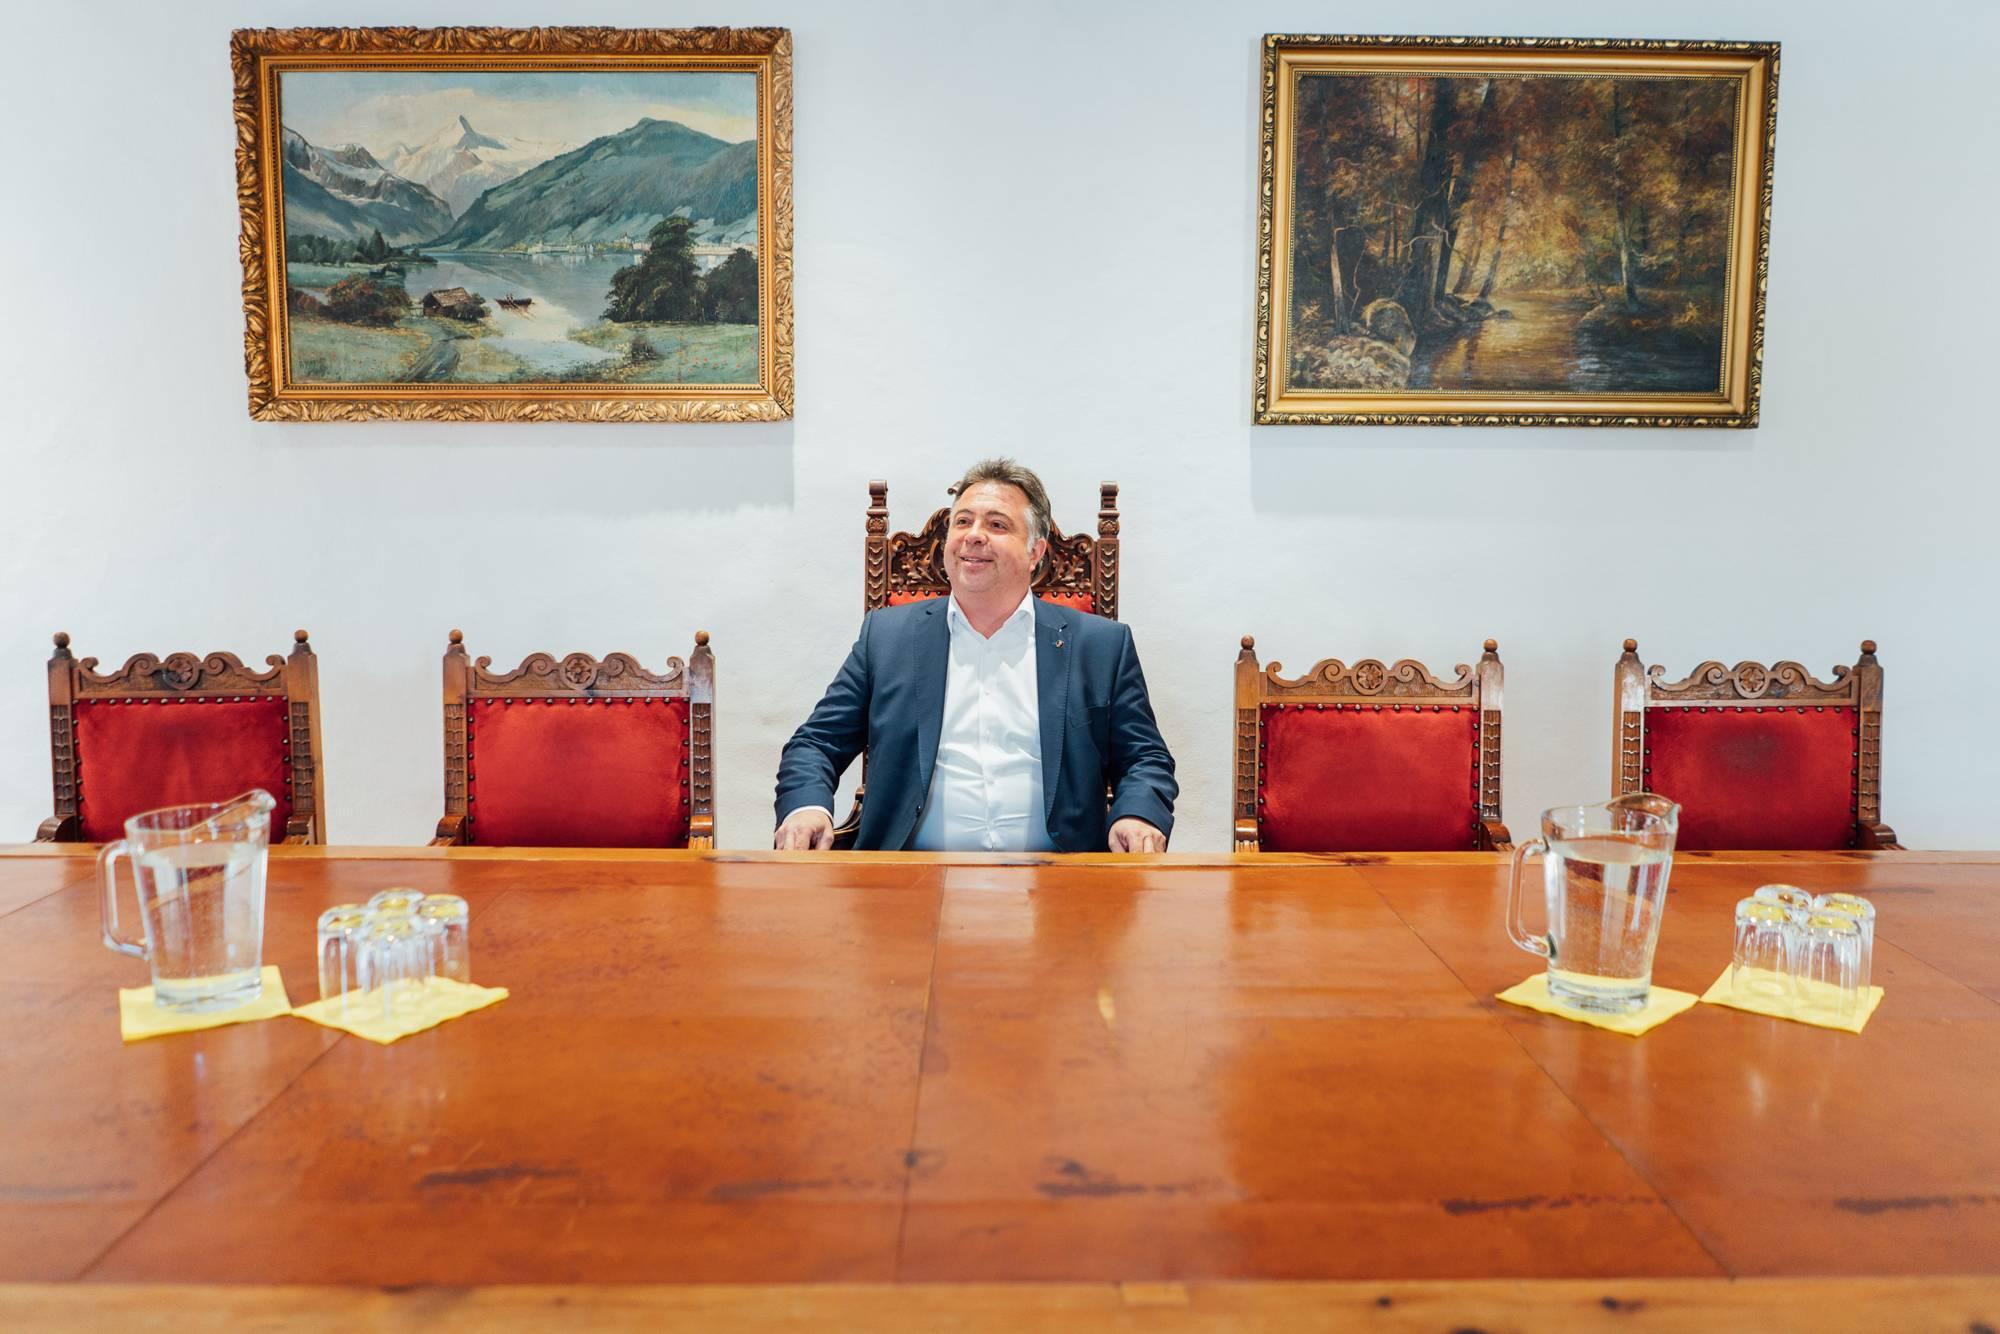 Peter Padourek former Mayor of Zell am See